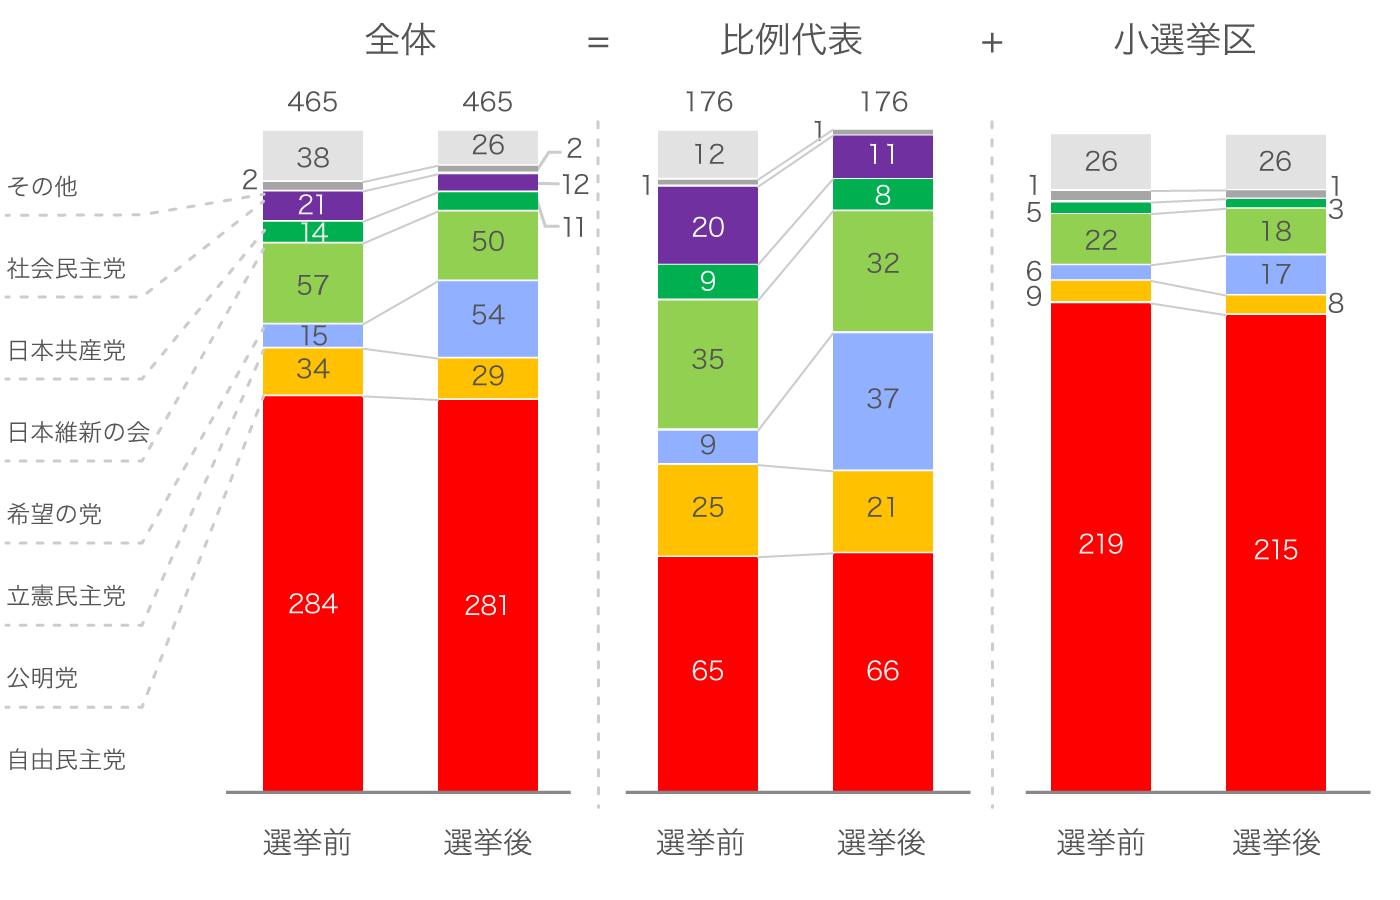 2017年衆院選の比例代表と小選挙区それぞれの選挙前と選挙後の政党別議席数を比較したチャート。自民党は小選挙区で多数の議席を獲得している